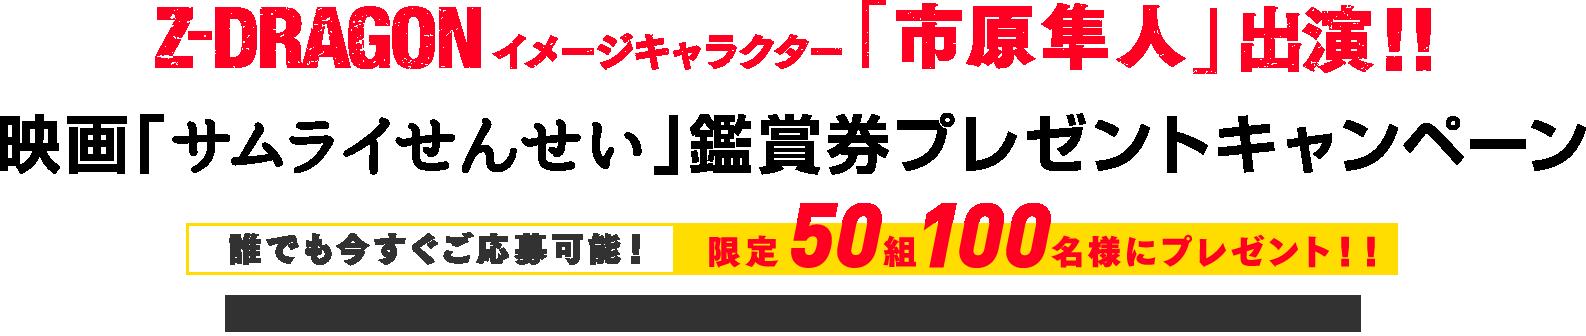 Z-DRAGONイメージキャラクター市原隼人出演!映画『サムライせんせい』鑑賞券プレゼントキャンペーン 50組100名様にプレゼント!